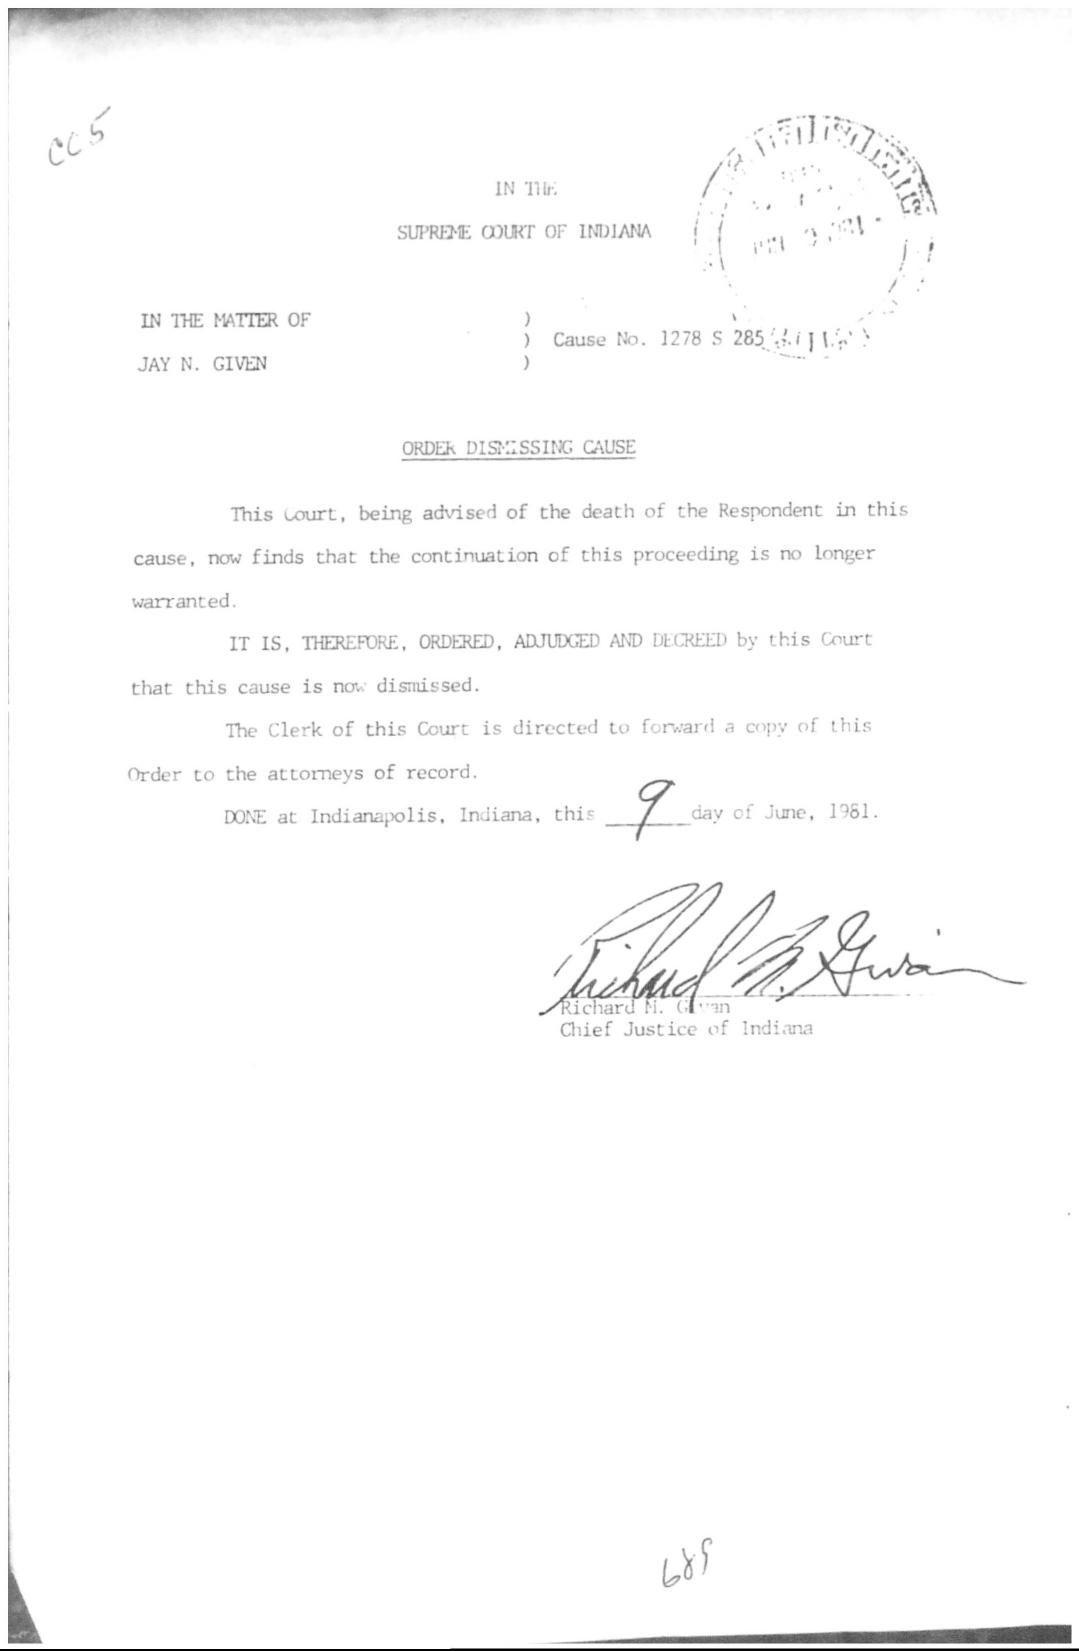 Given order dismissing case